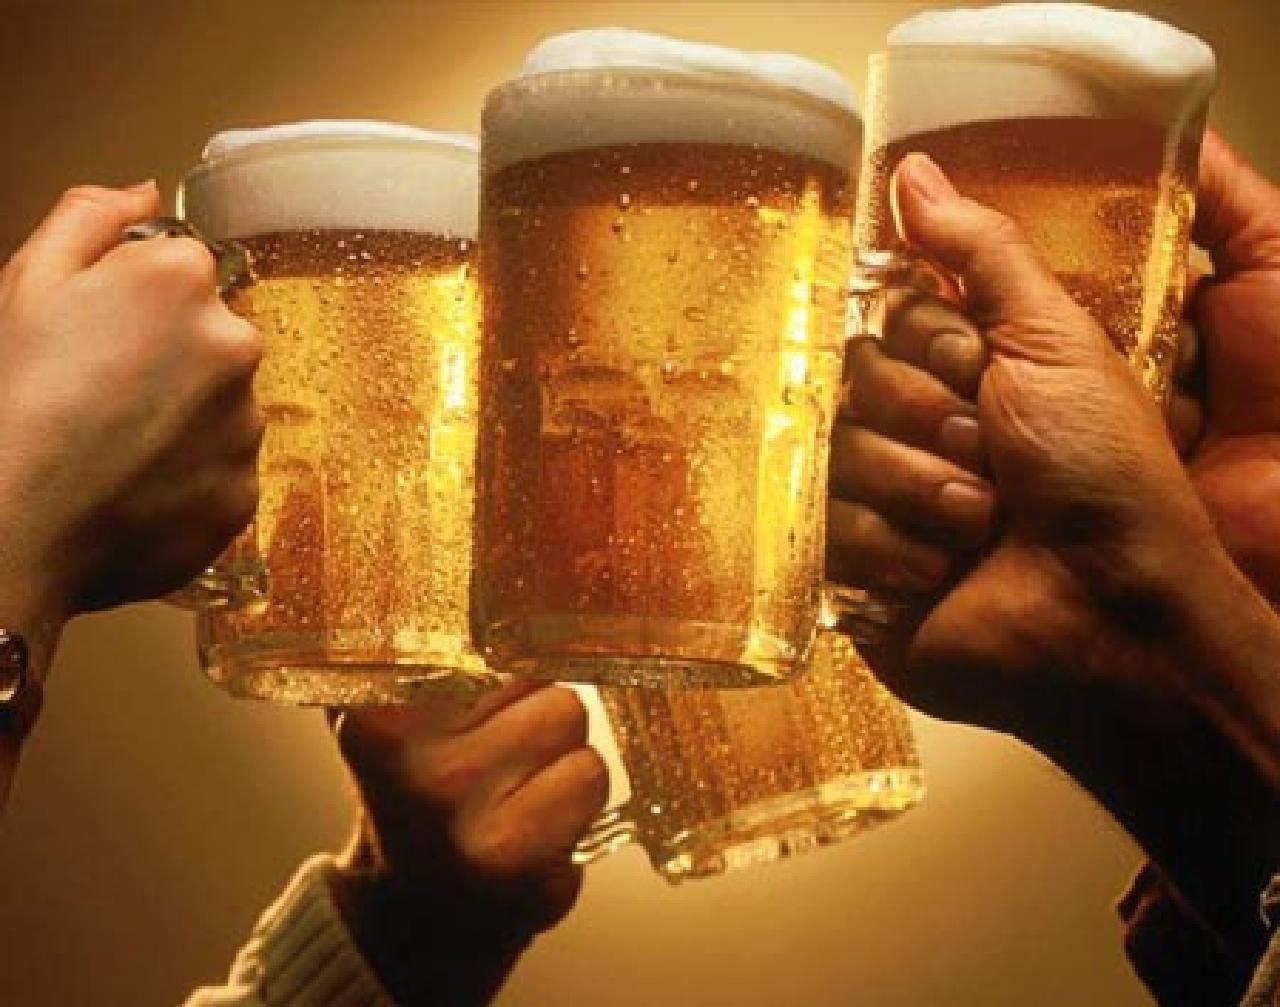 пиво скачать фото, обои для рабочего стола